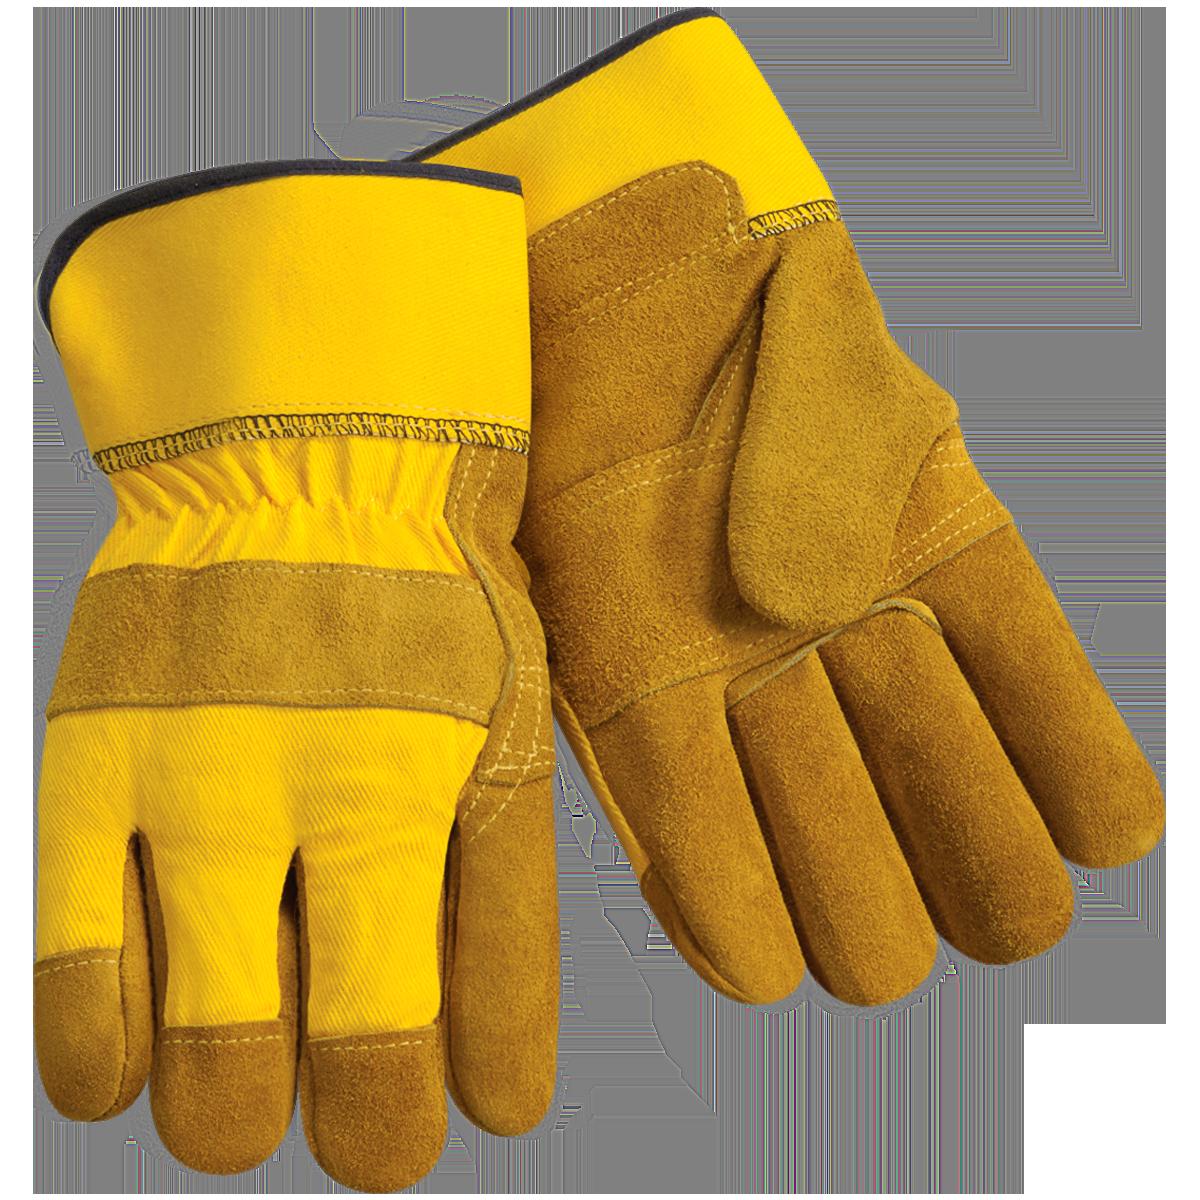 Glove clipart work glove. Gloves steiner industries leather